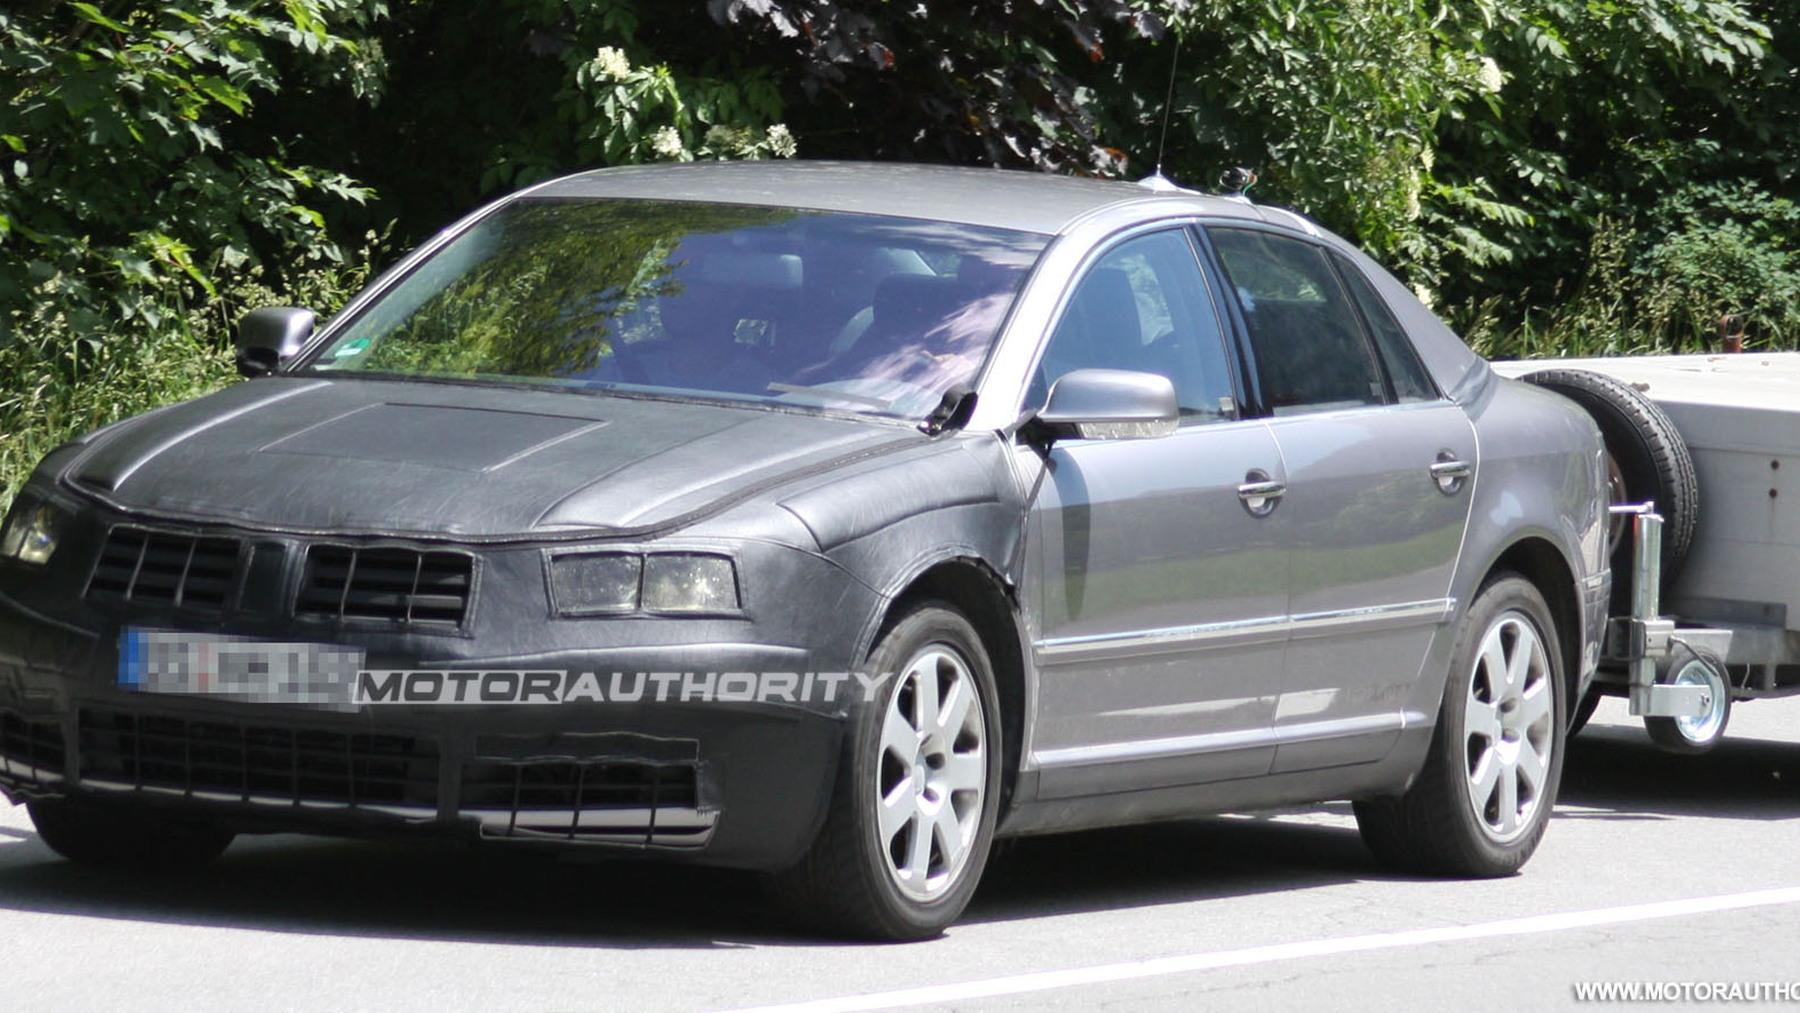 2011 volkswagen phaeton facelift spy shots june 001